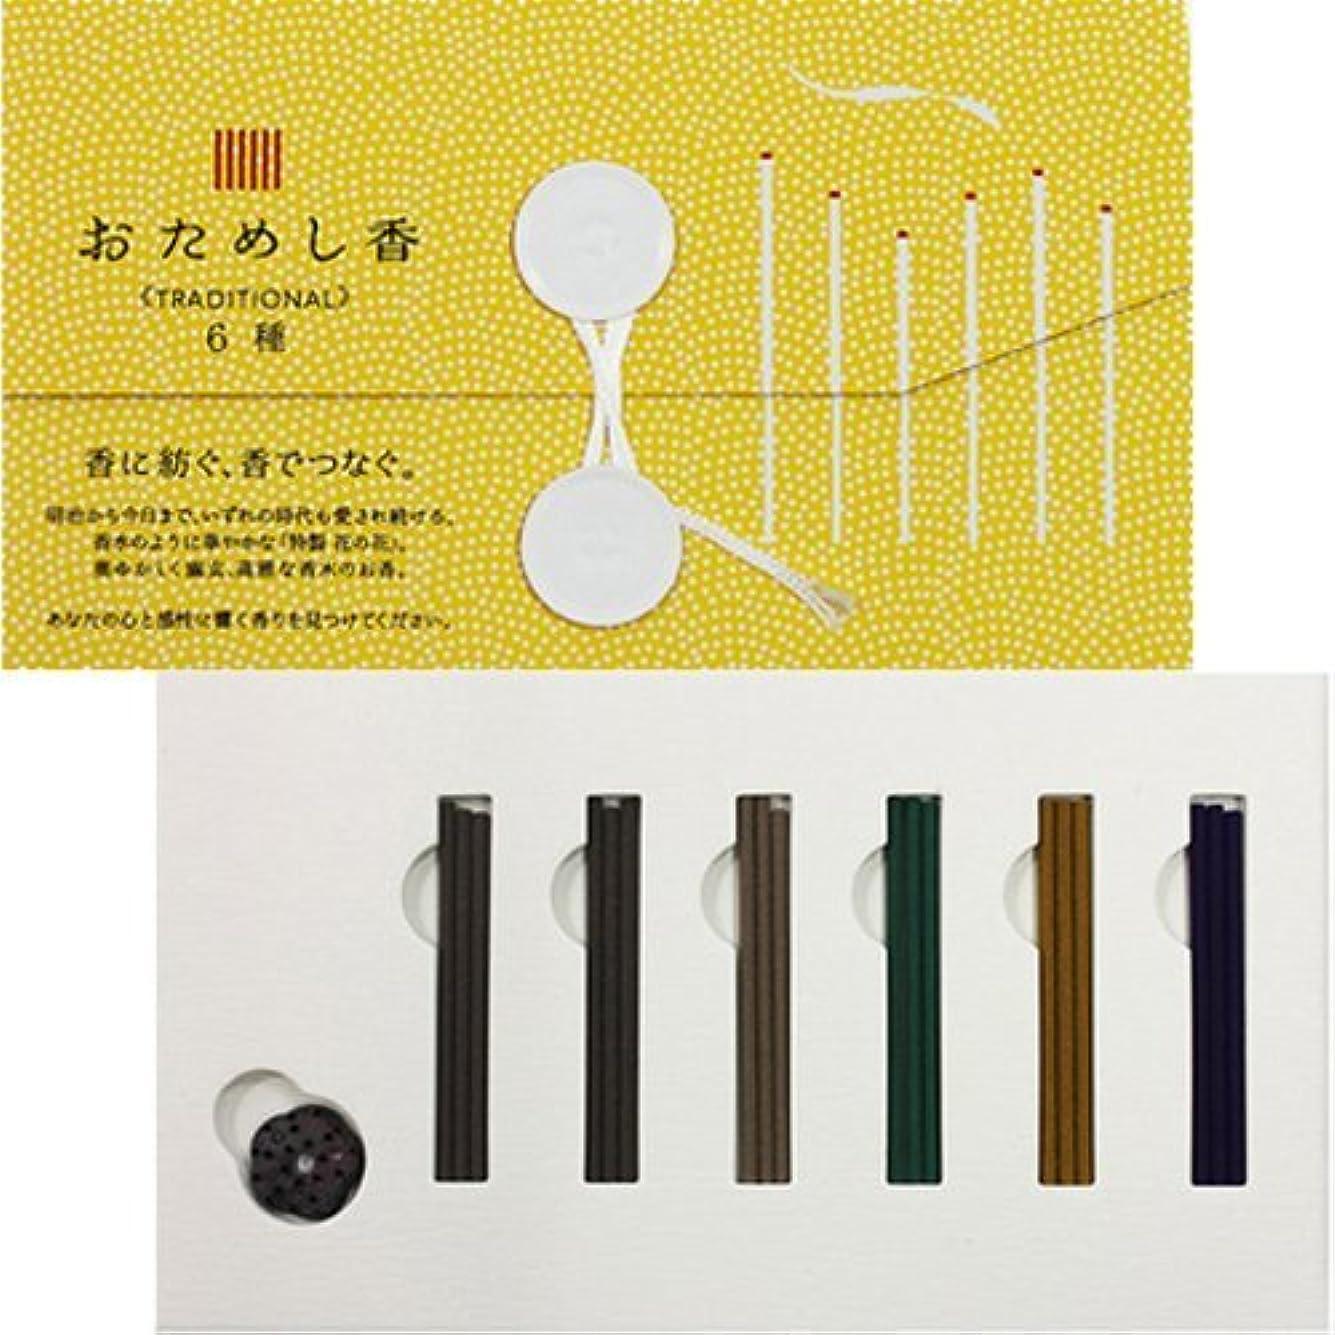 オーラル引き金伸ばすおためし香 トラディショナル 6種(各3本)